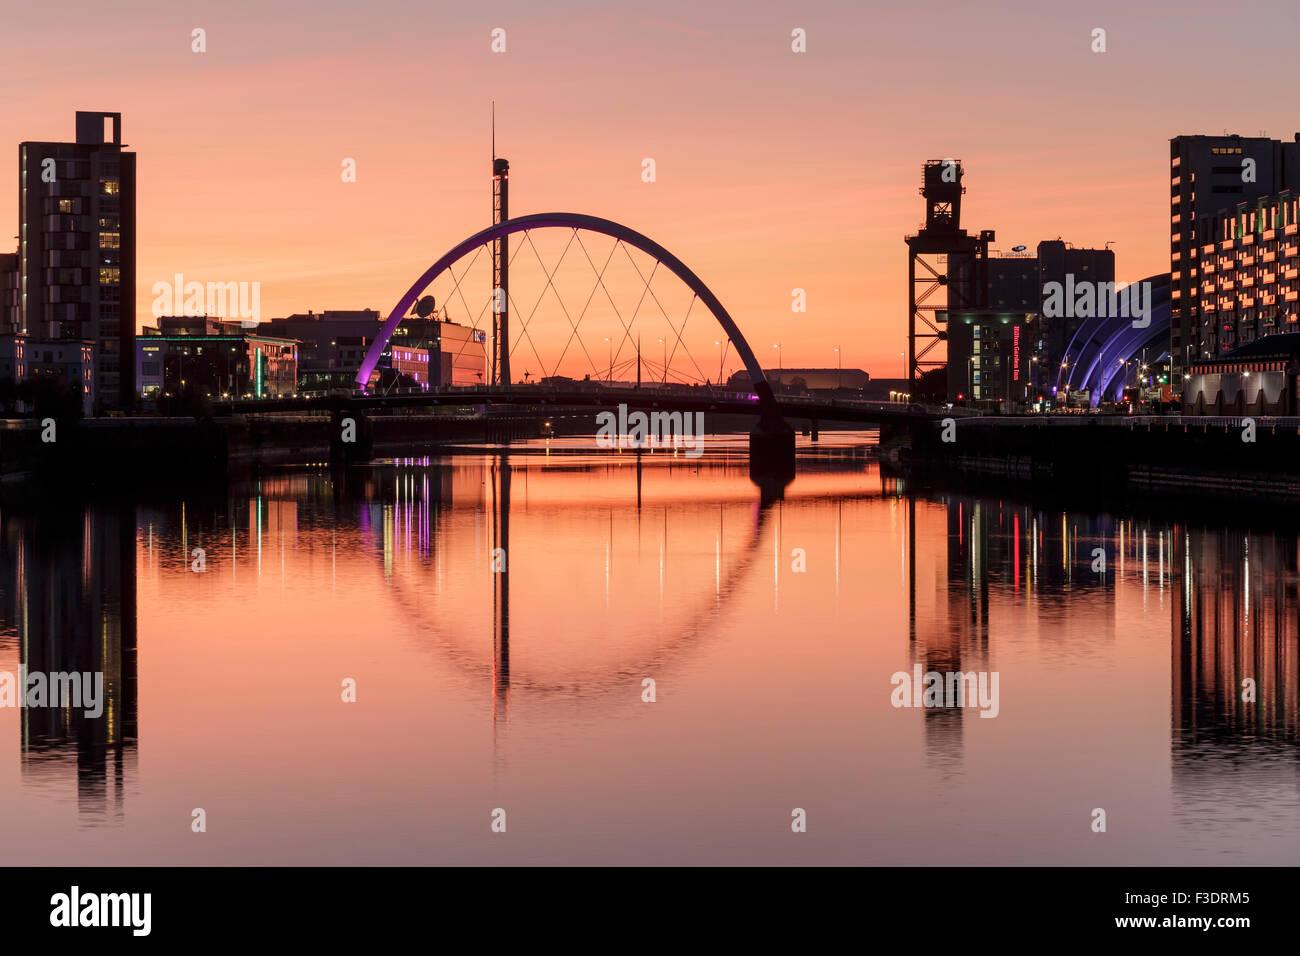 Le Clyde Arc reflète dans la rivière Clyde au coucher du soleil, Glasgow, Écosse, Royaume-Uni Banque D'Images